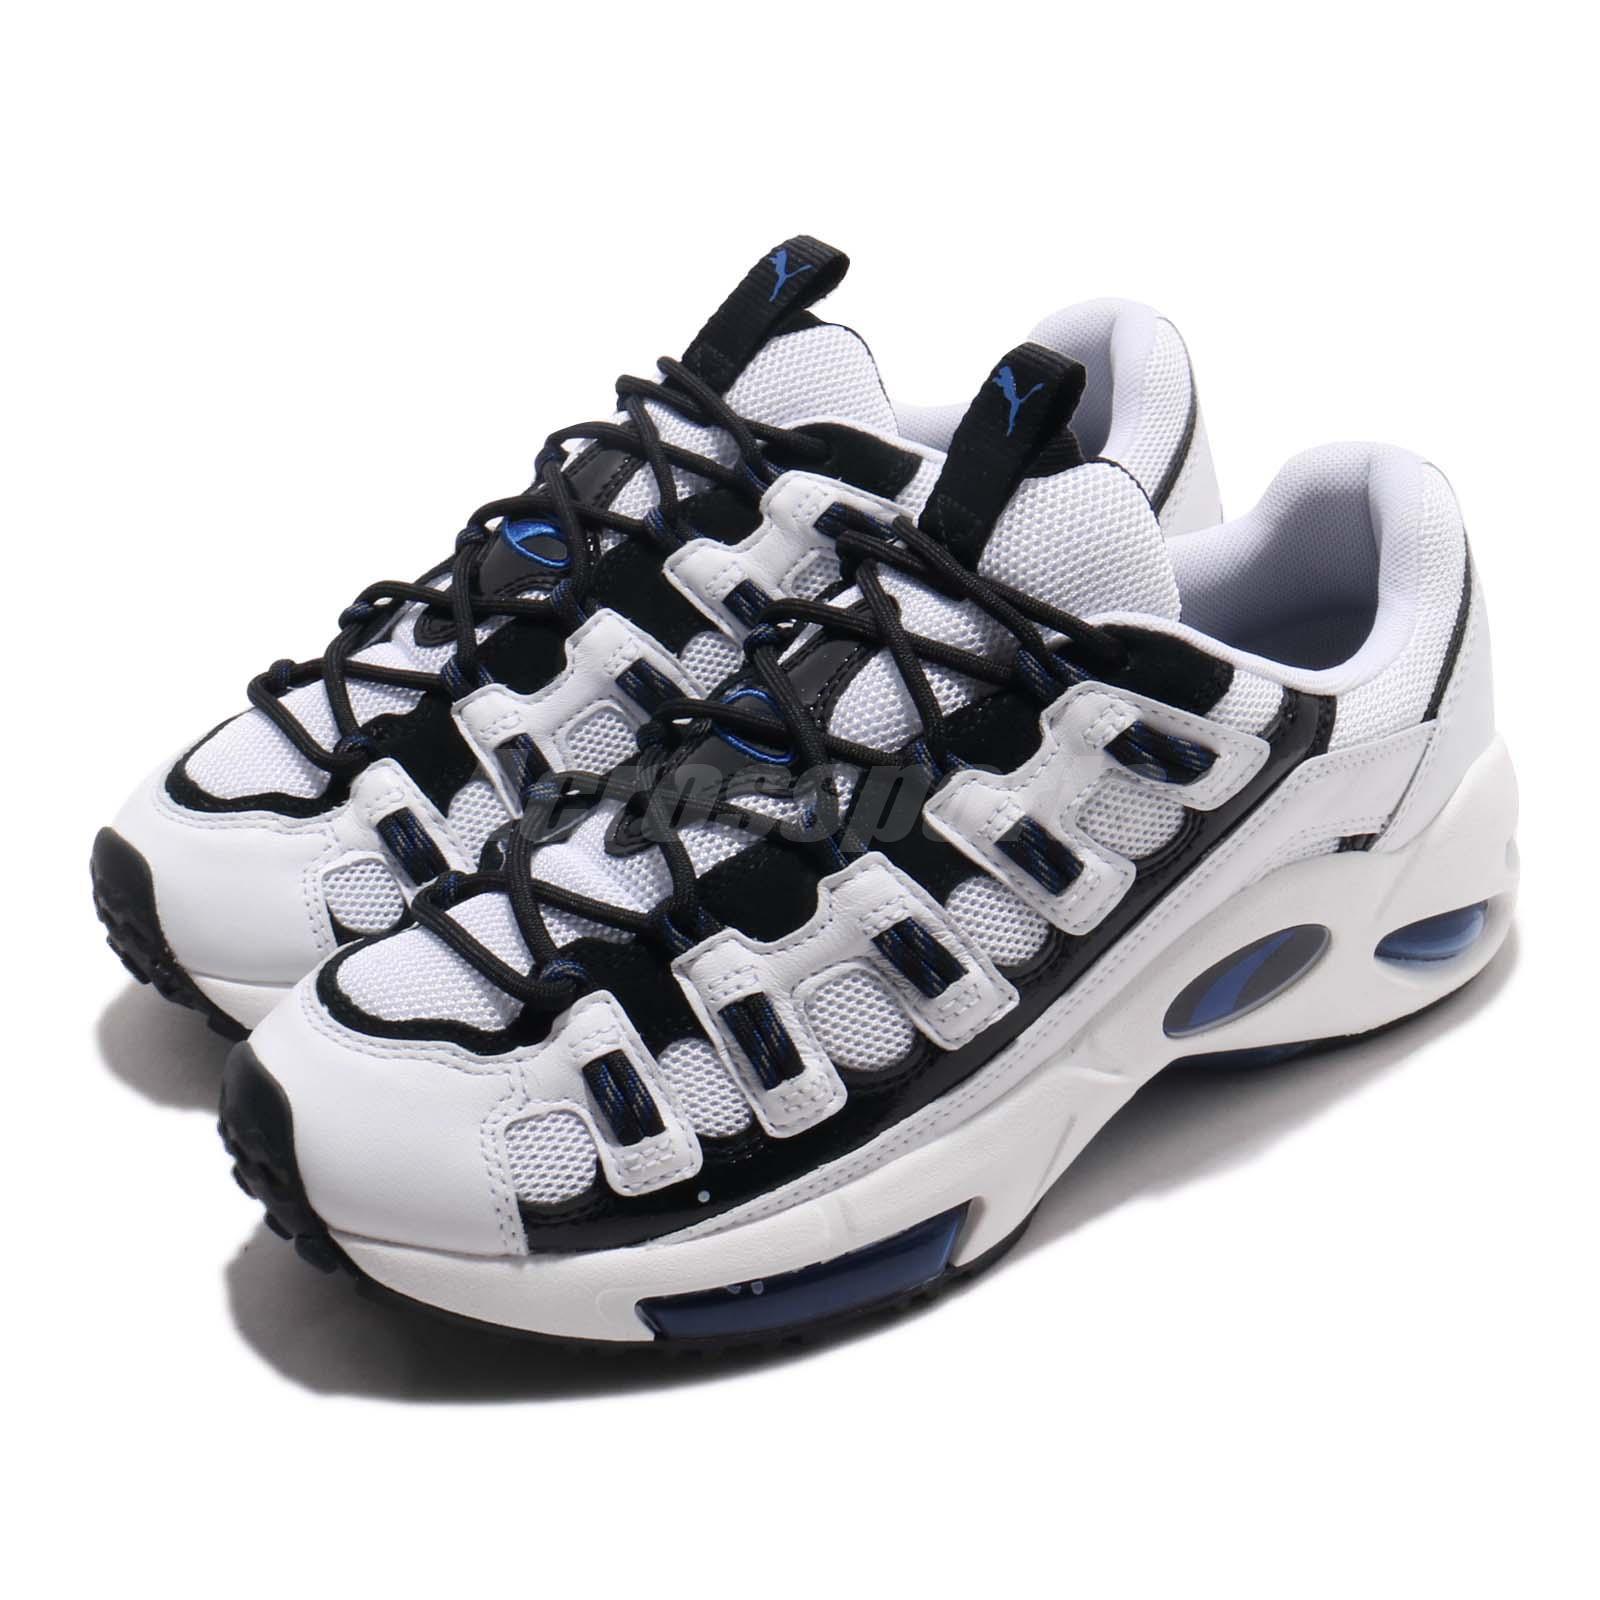 sklep w Wielkiej Brytanii klasyczne dopasowanie wiele modnych Details about Puma Cell Endura Patent 98 White Surf The Web Men Running  Shoe Sneaker 369633-02